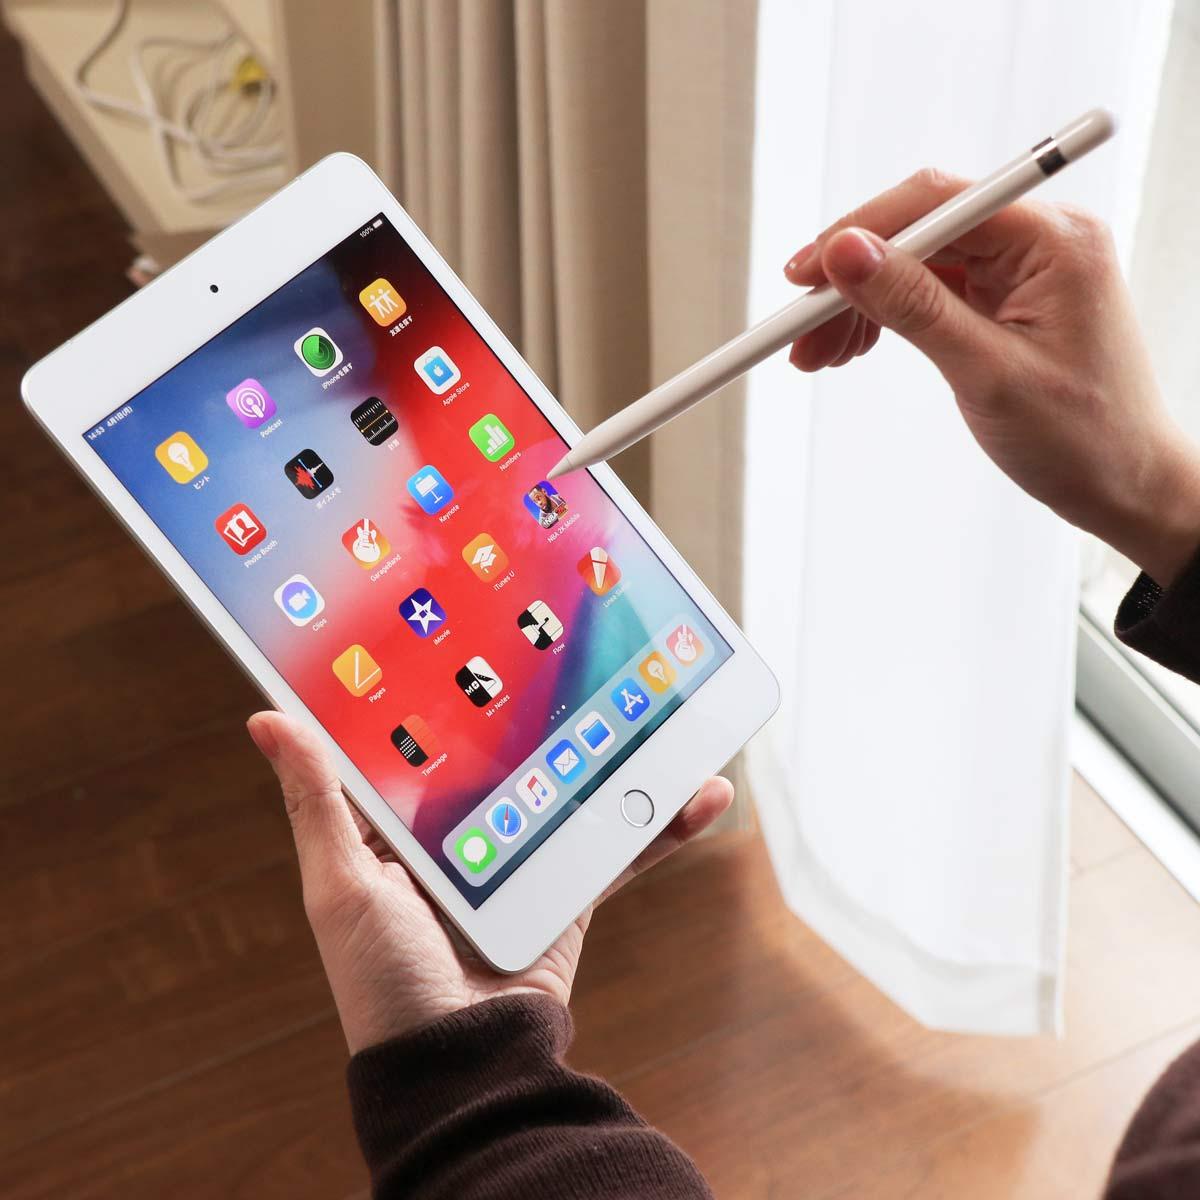 新型「iPad mini」レビュー、Apple Pencil対応で使い道広がる、Apple Arcade用としては最強?